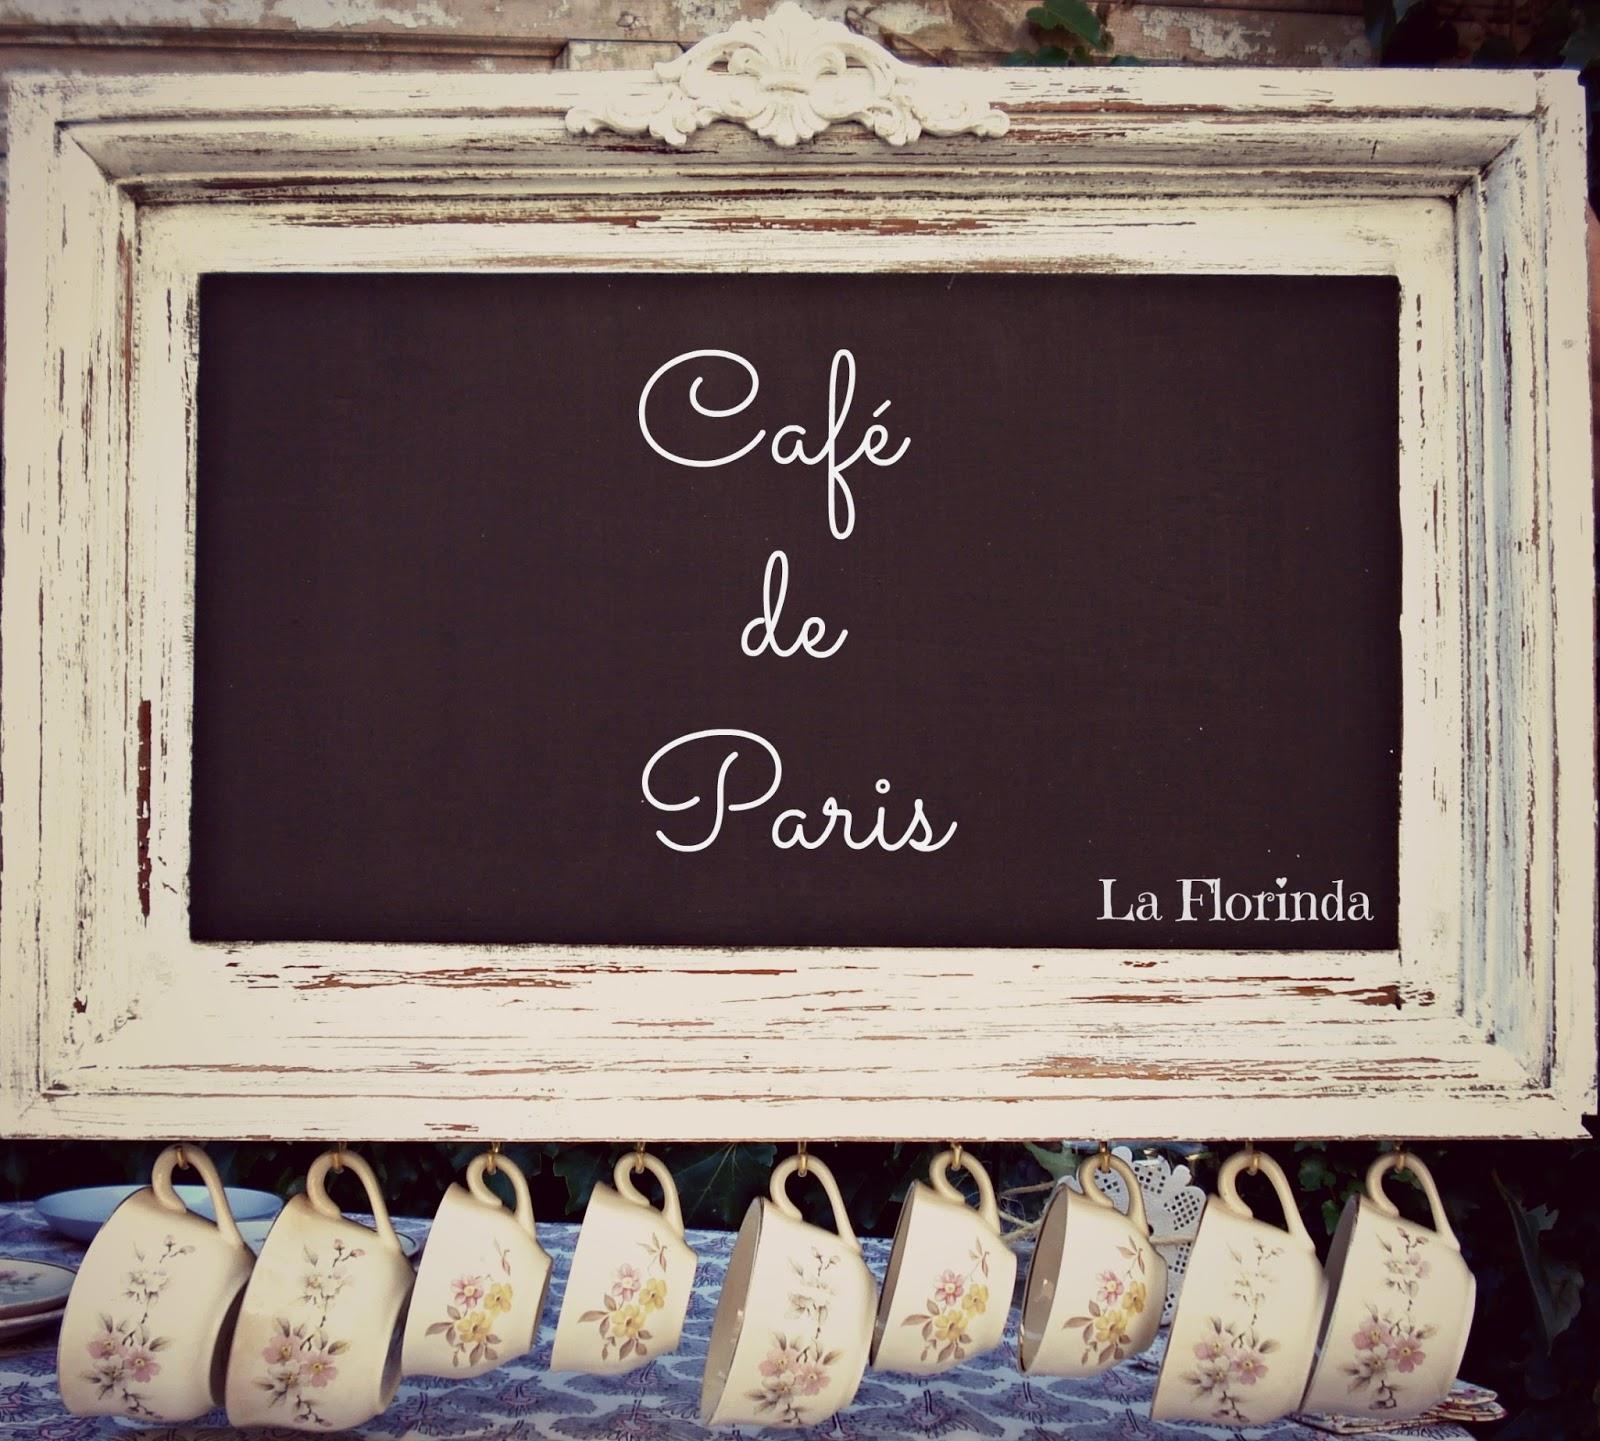 Tienda La Florinda: Pizarra cuelga tazas